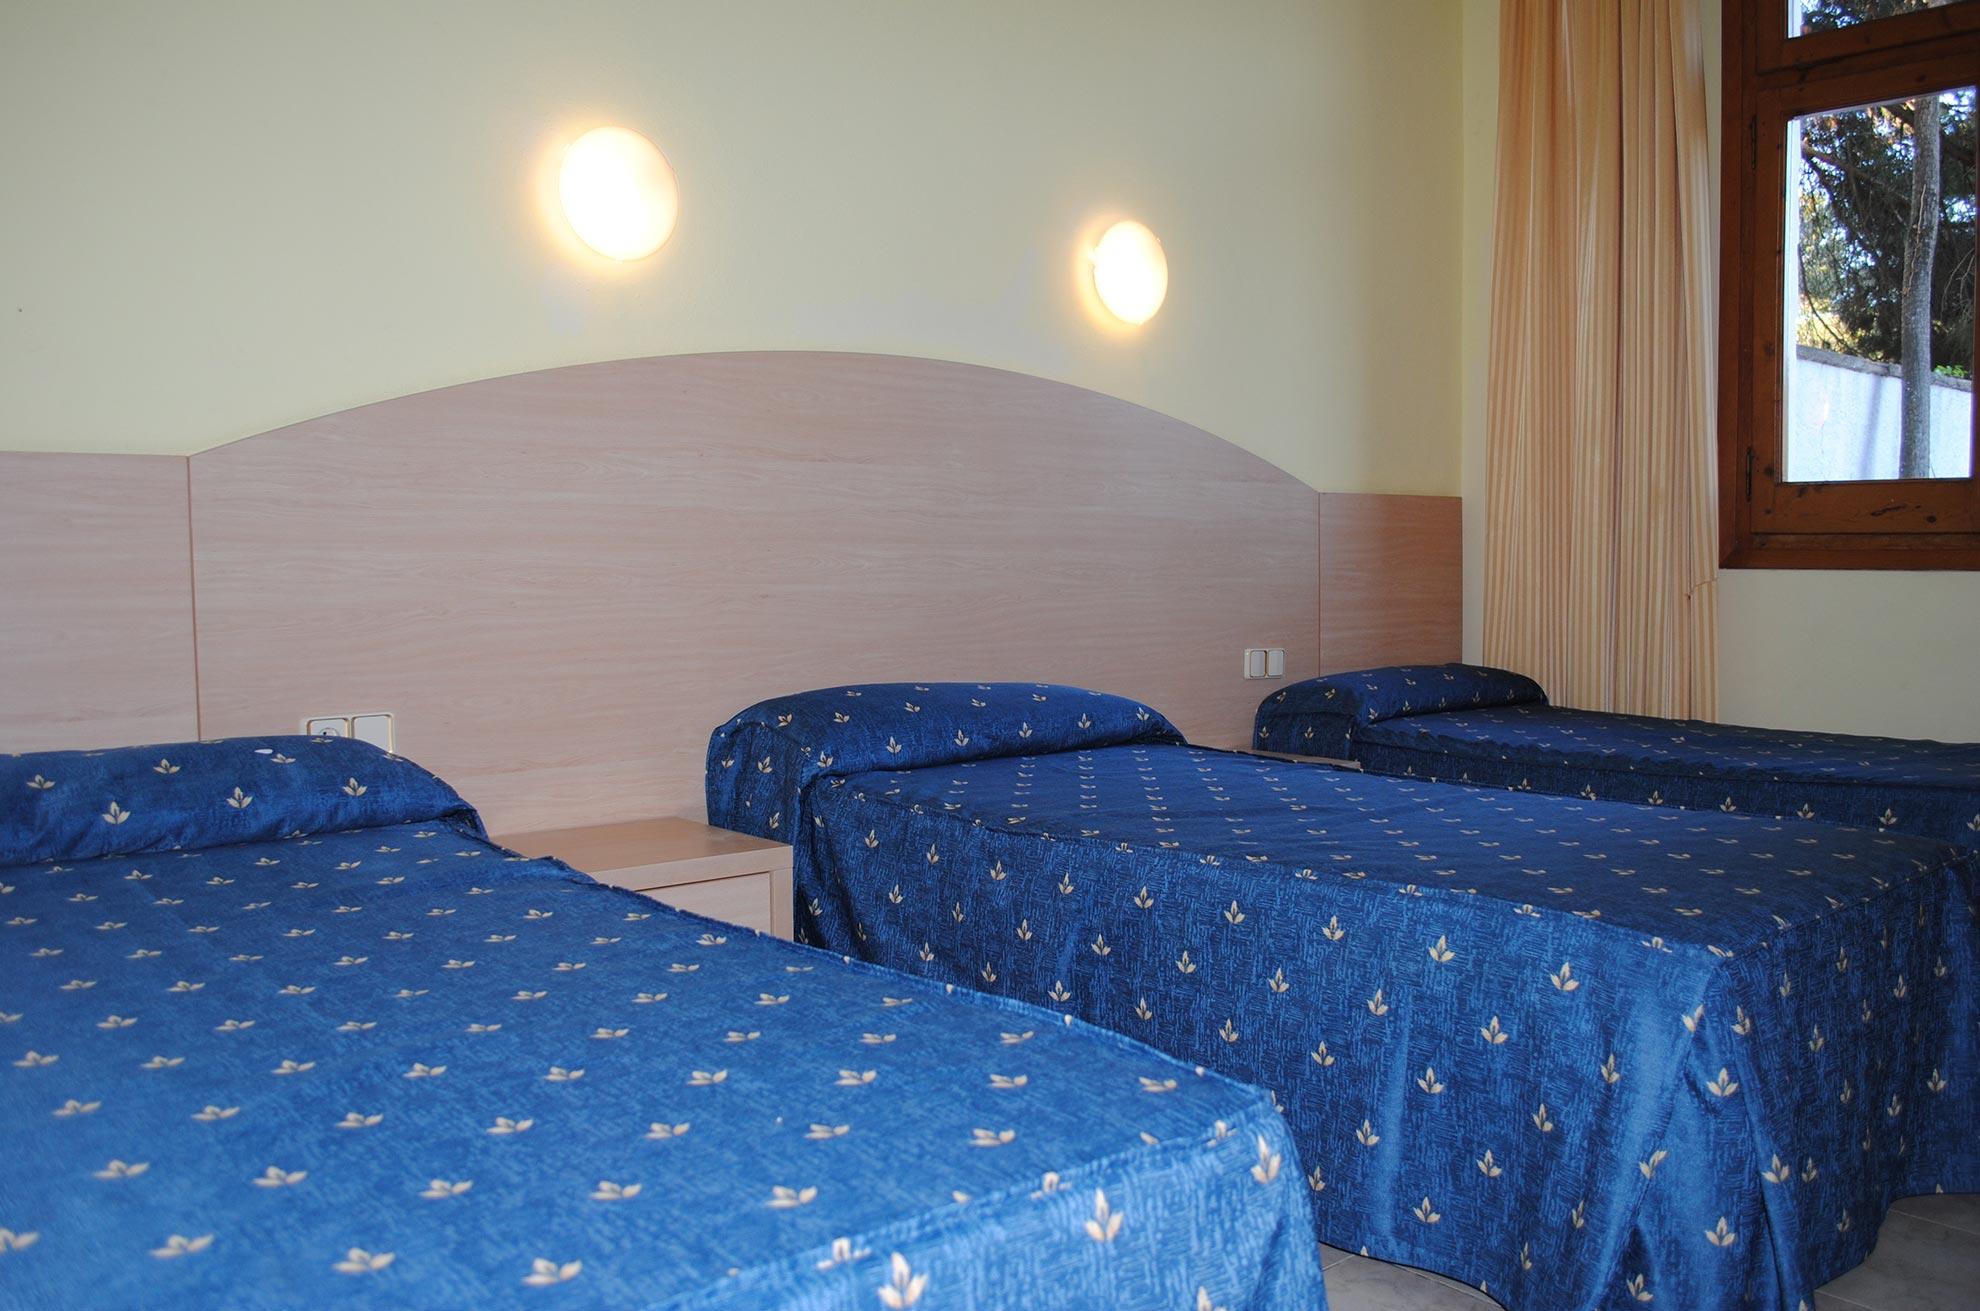 Bonsol Hotel - Habitación Triple - Lloret - Costa Brava